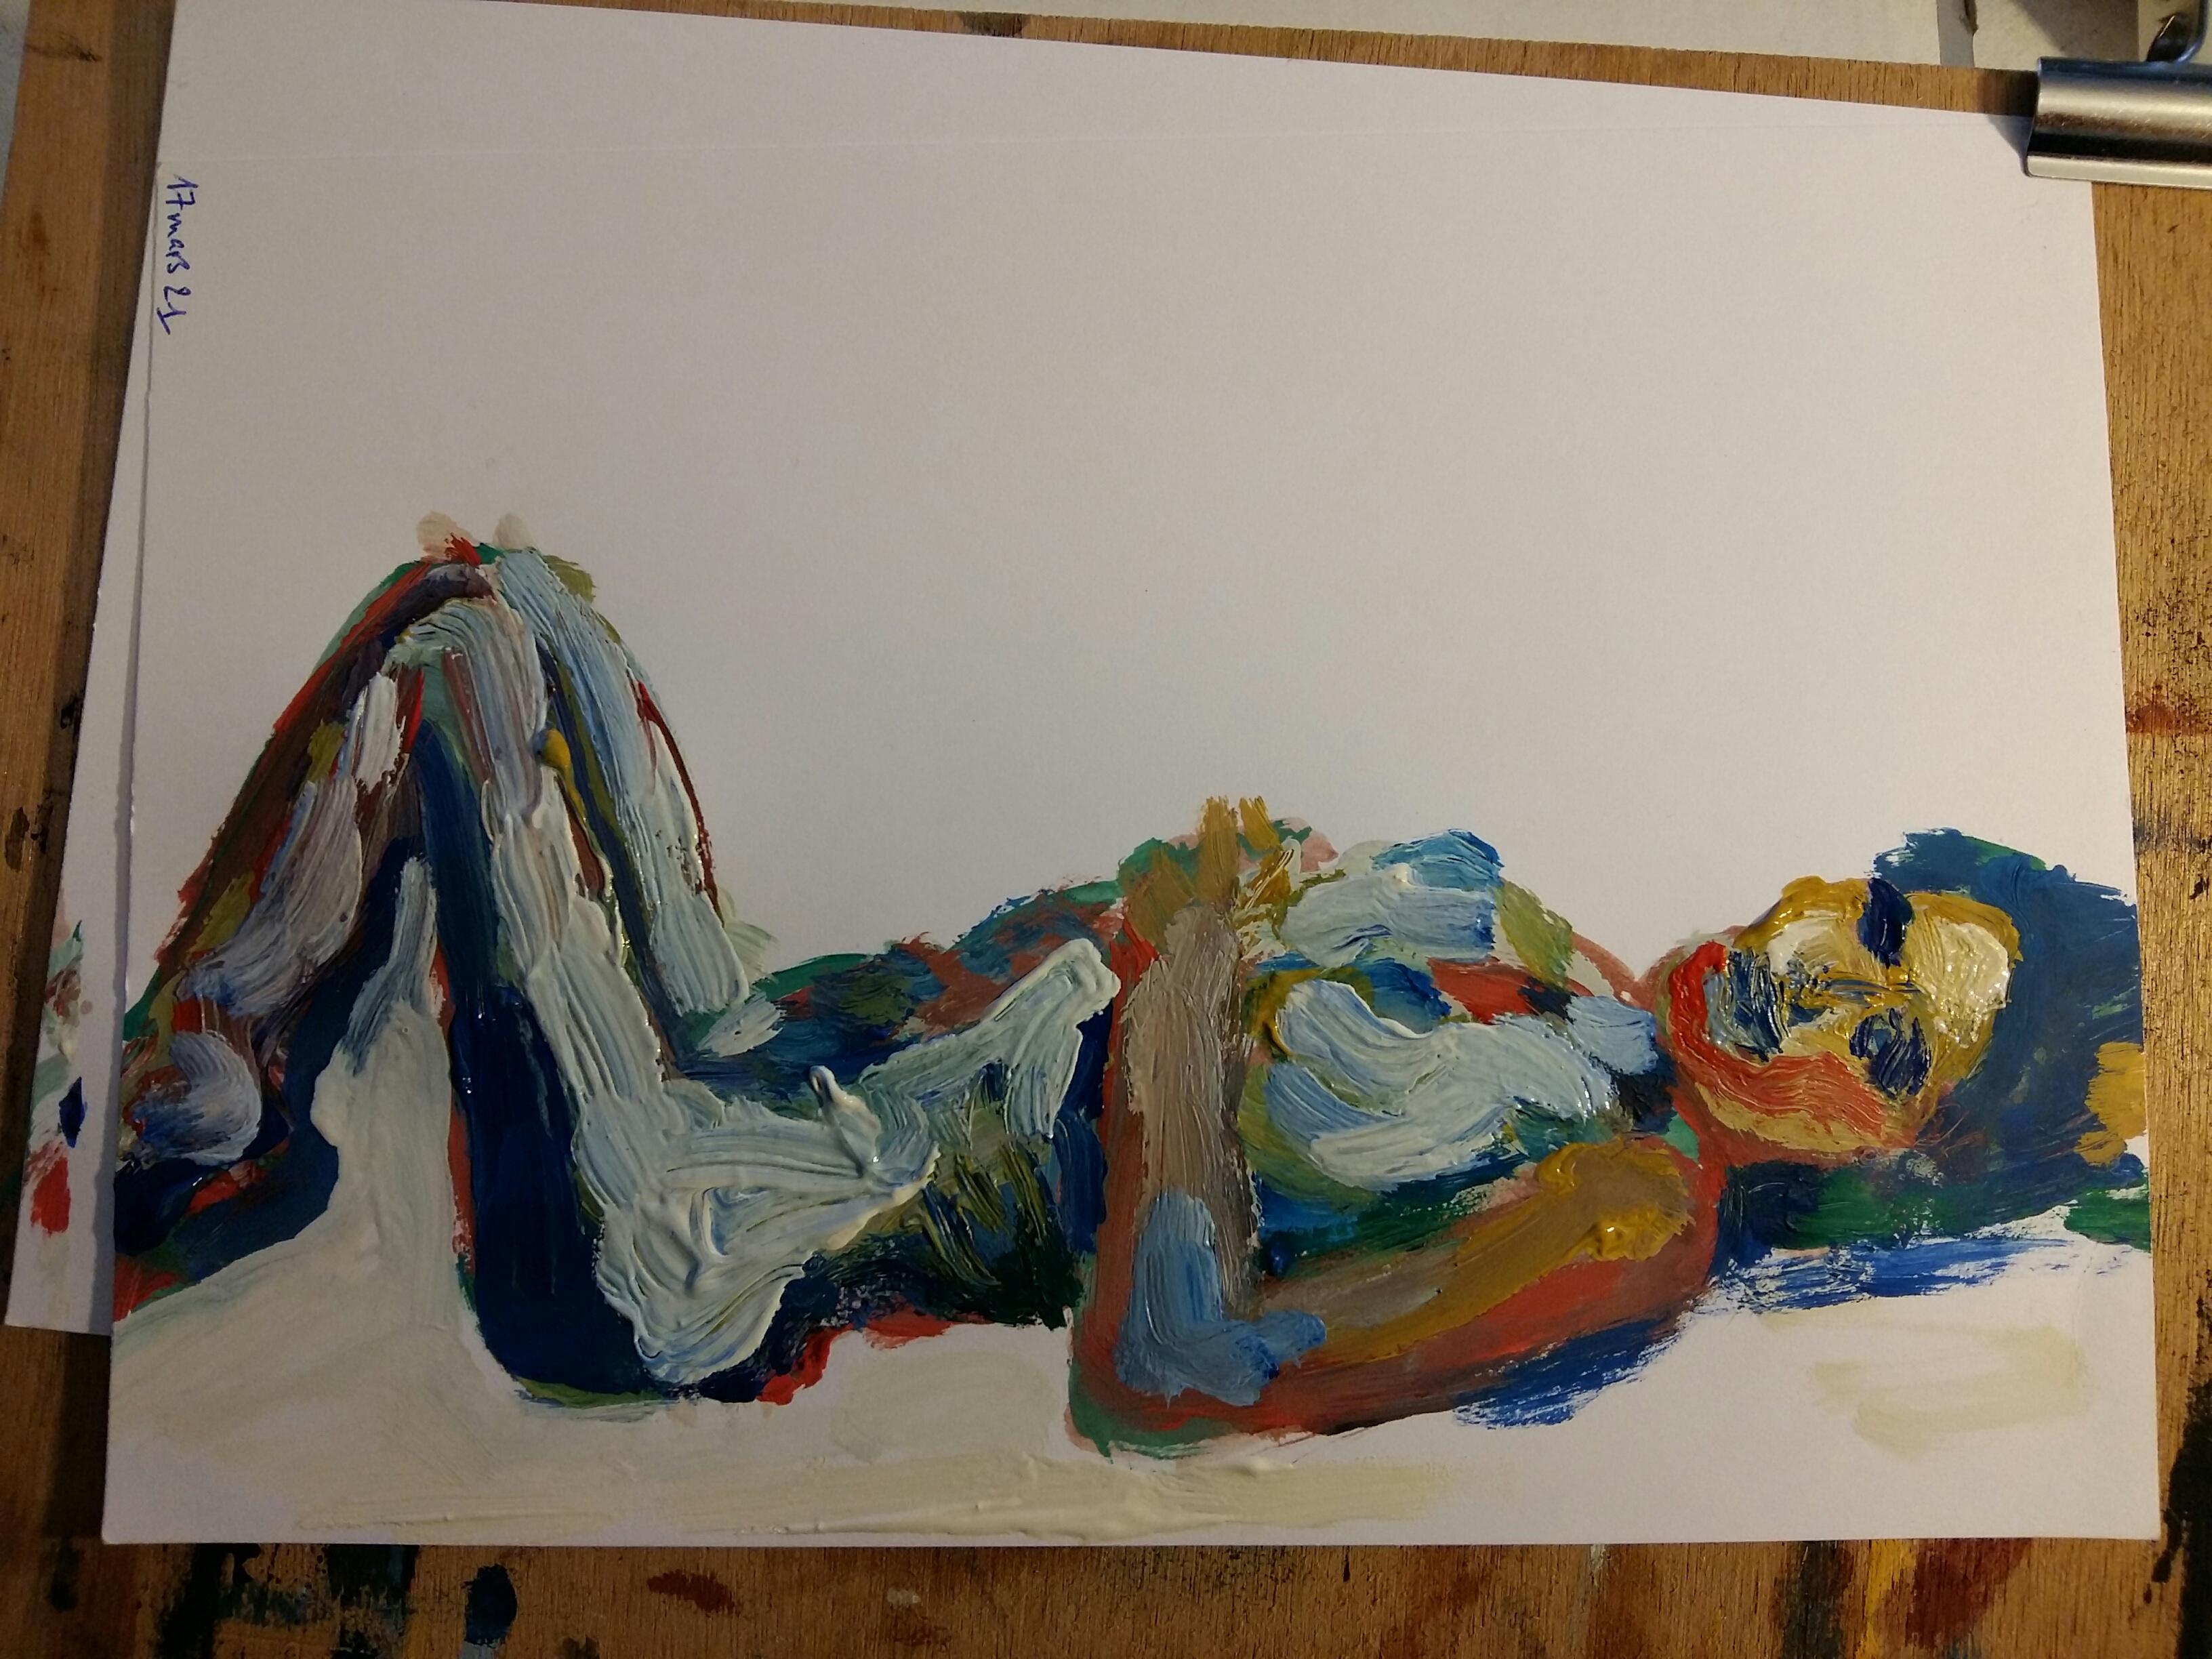 Femme allongée peinture polychrome sur papier  cours de dessin